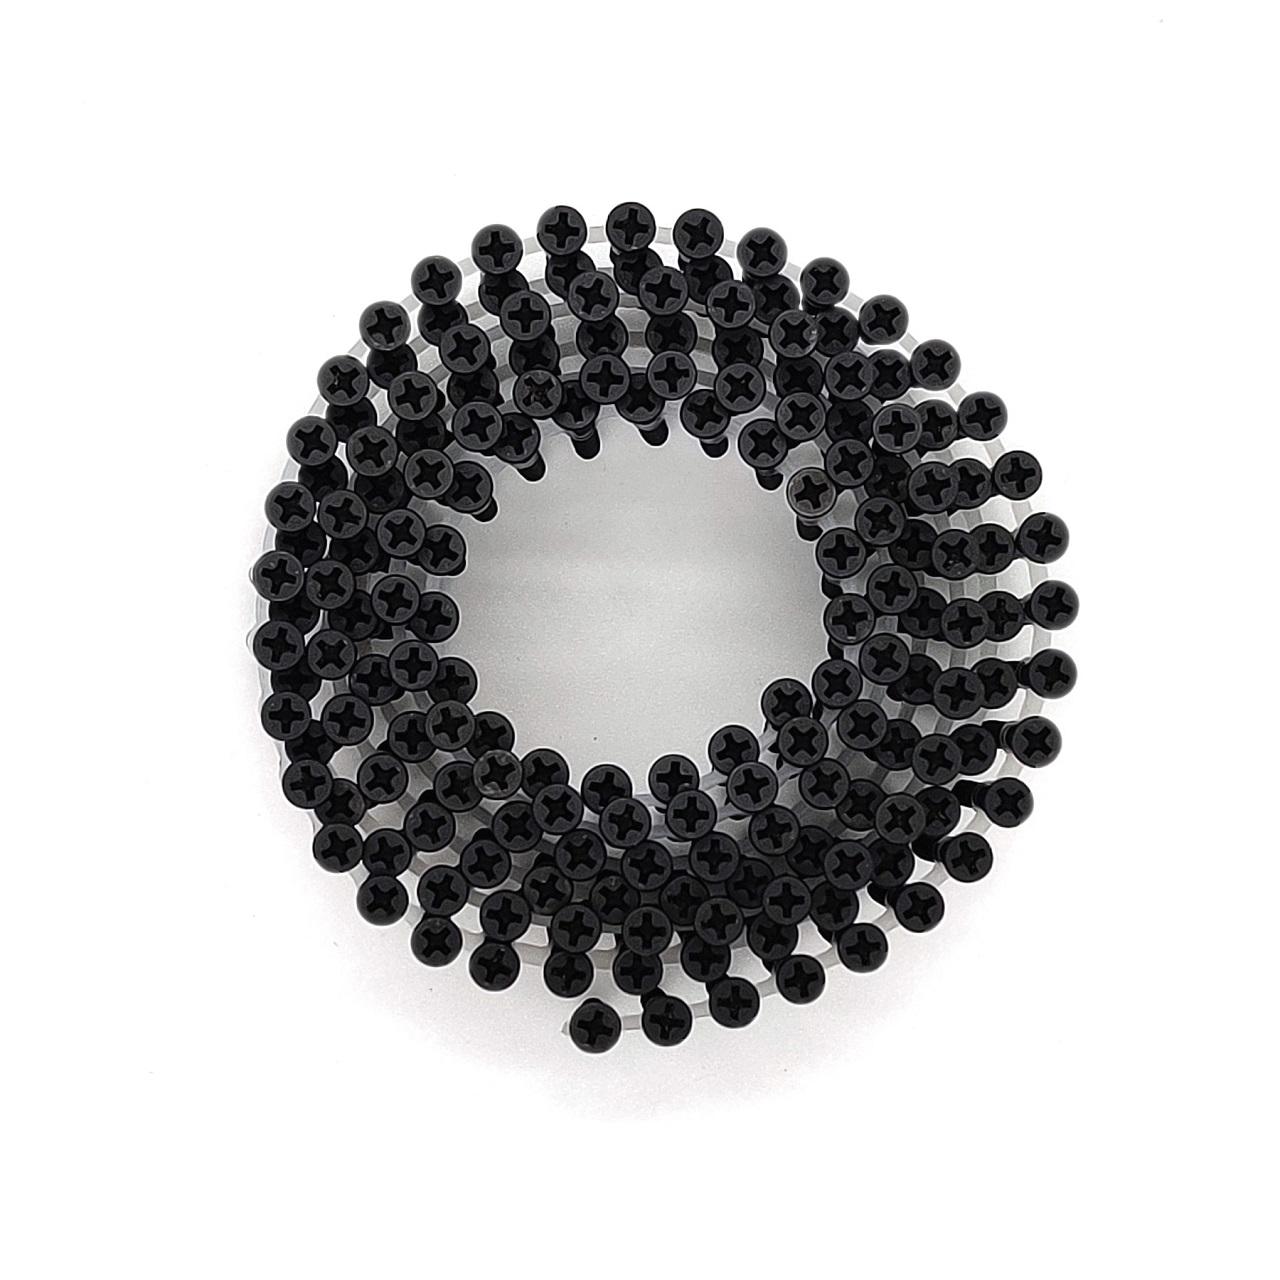 Coil Faserplattenschrauben   phosphatiert   Hi-Lo-Gewinde   3,9x25